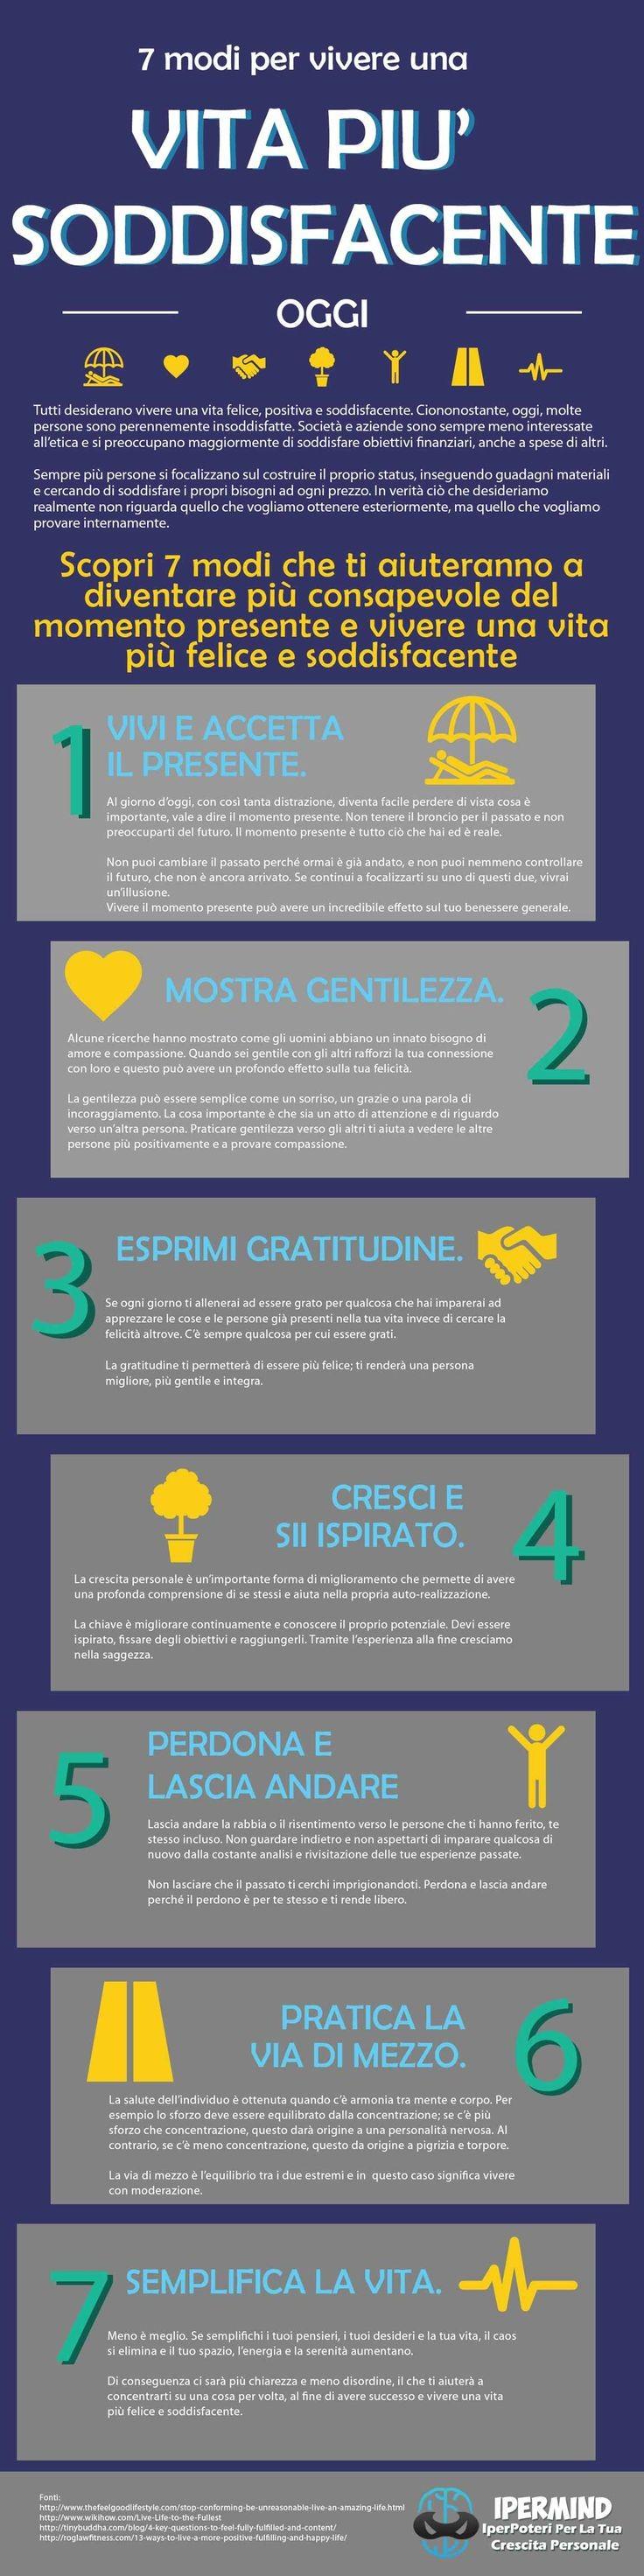 7 modi per vivere una vita soddisfacente